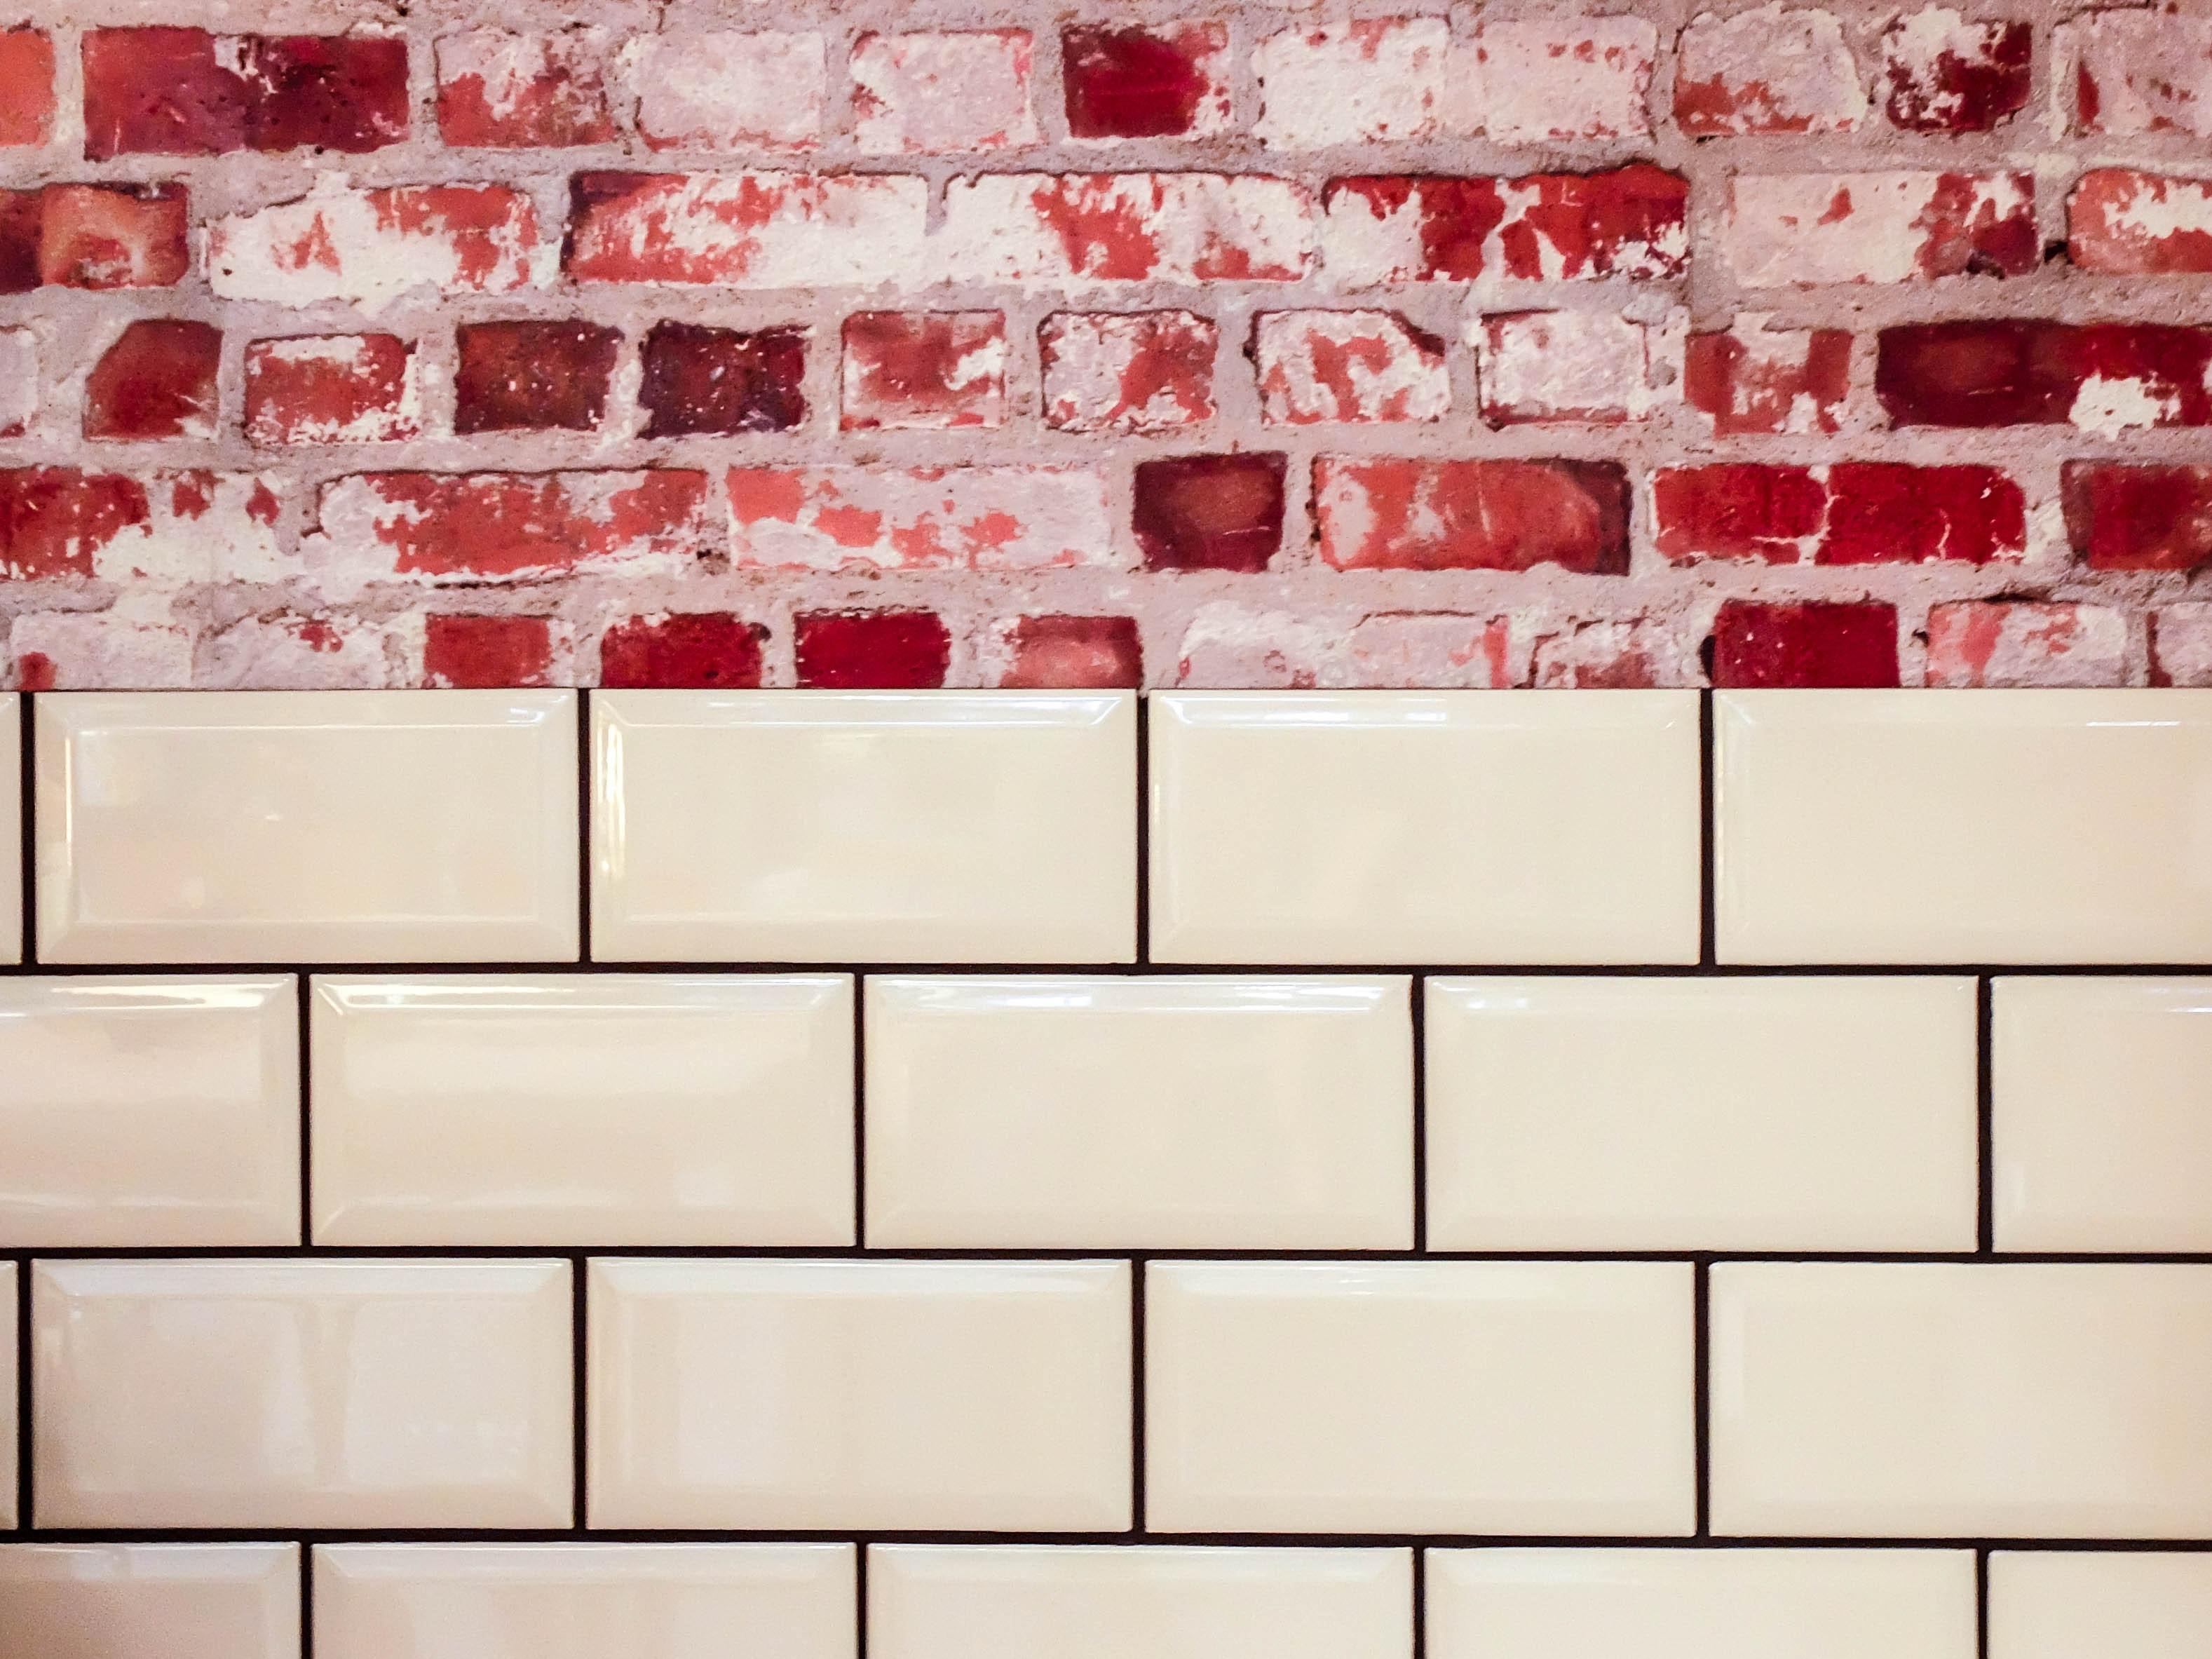 100+ Engaging Tiles Photos · Pexels · Free Stock Photos